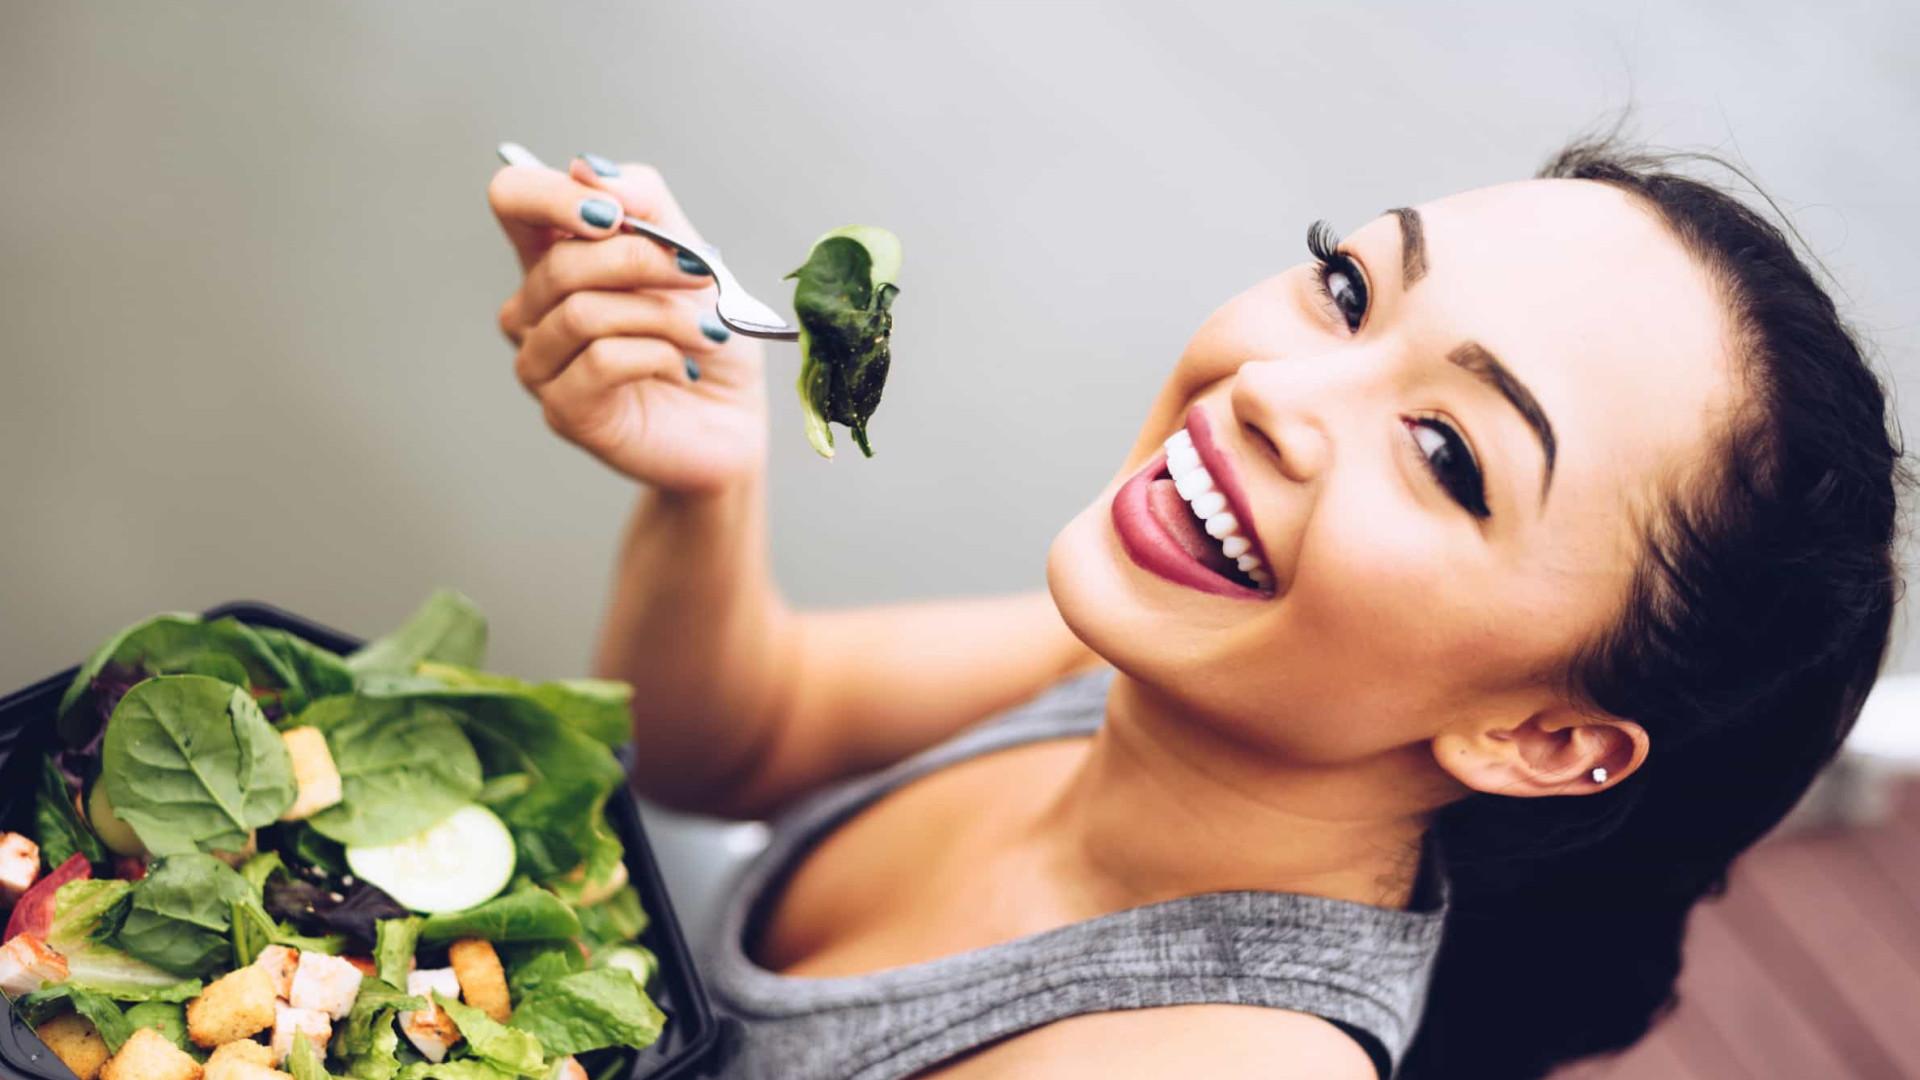 Há um evento de speed dating onde só entram vegetarianos e vegans